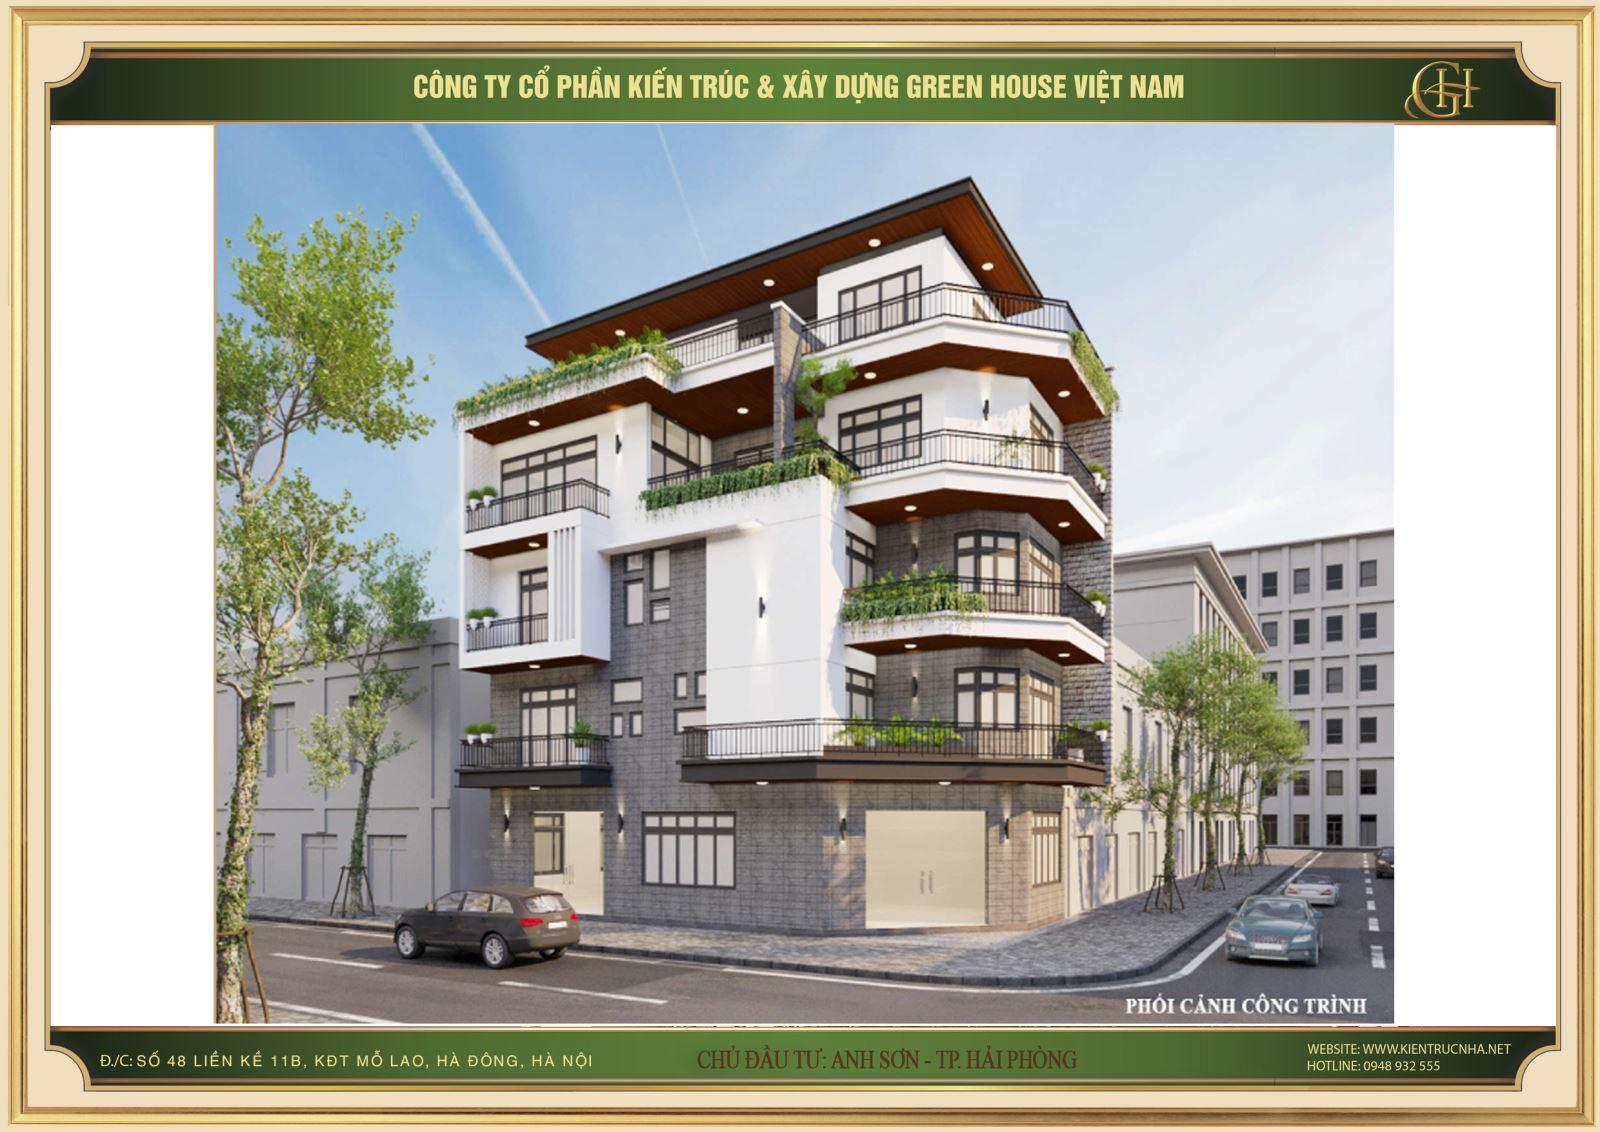 Thiết kế nhà phố hiện đại 5 tầng 2 mặt tiền đẹp tại Hải Phòng